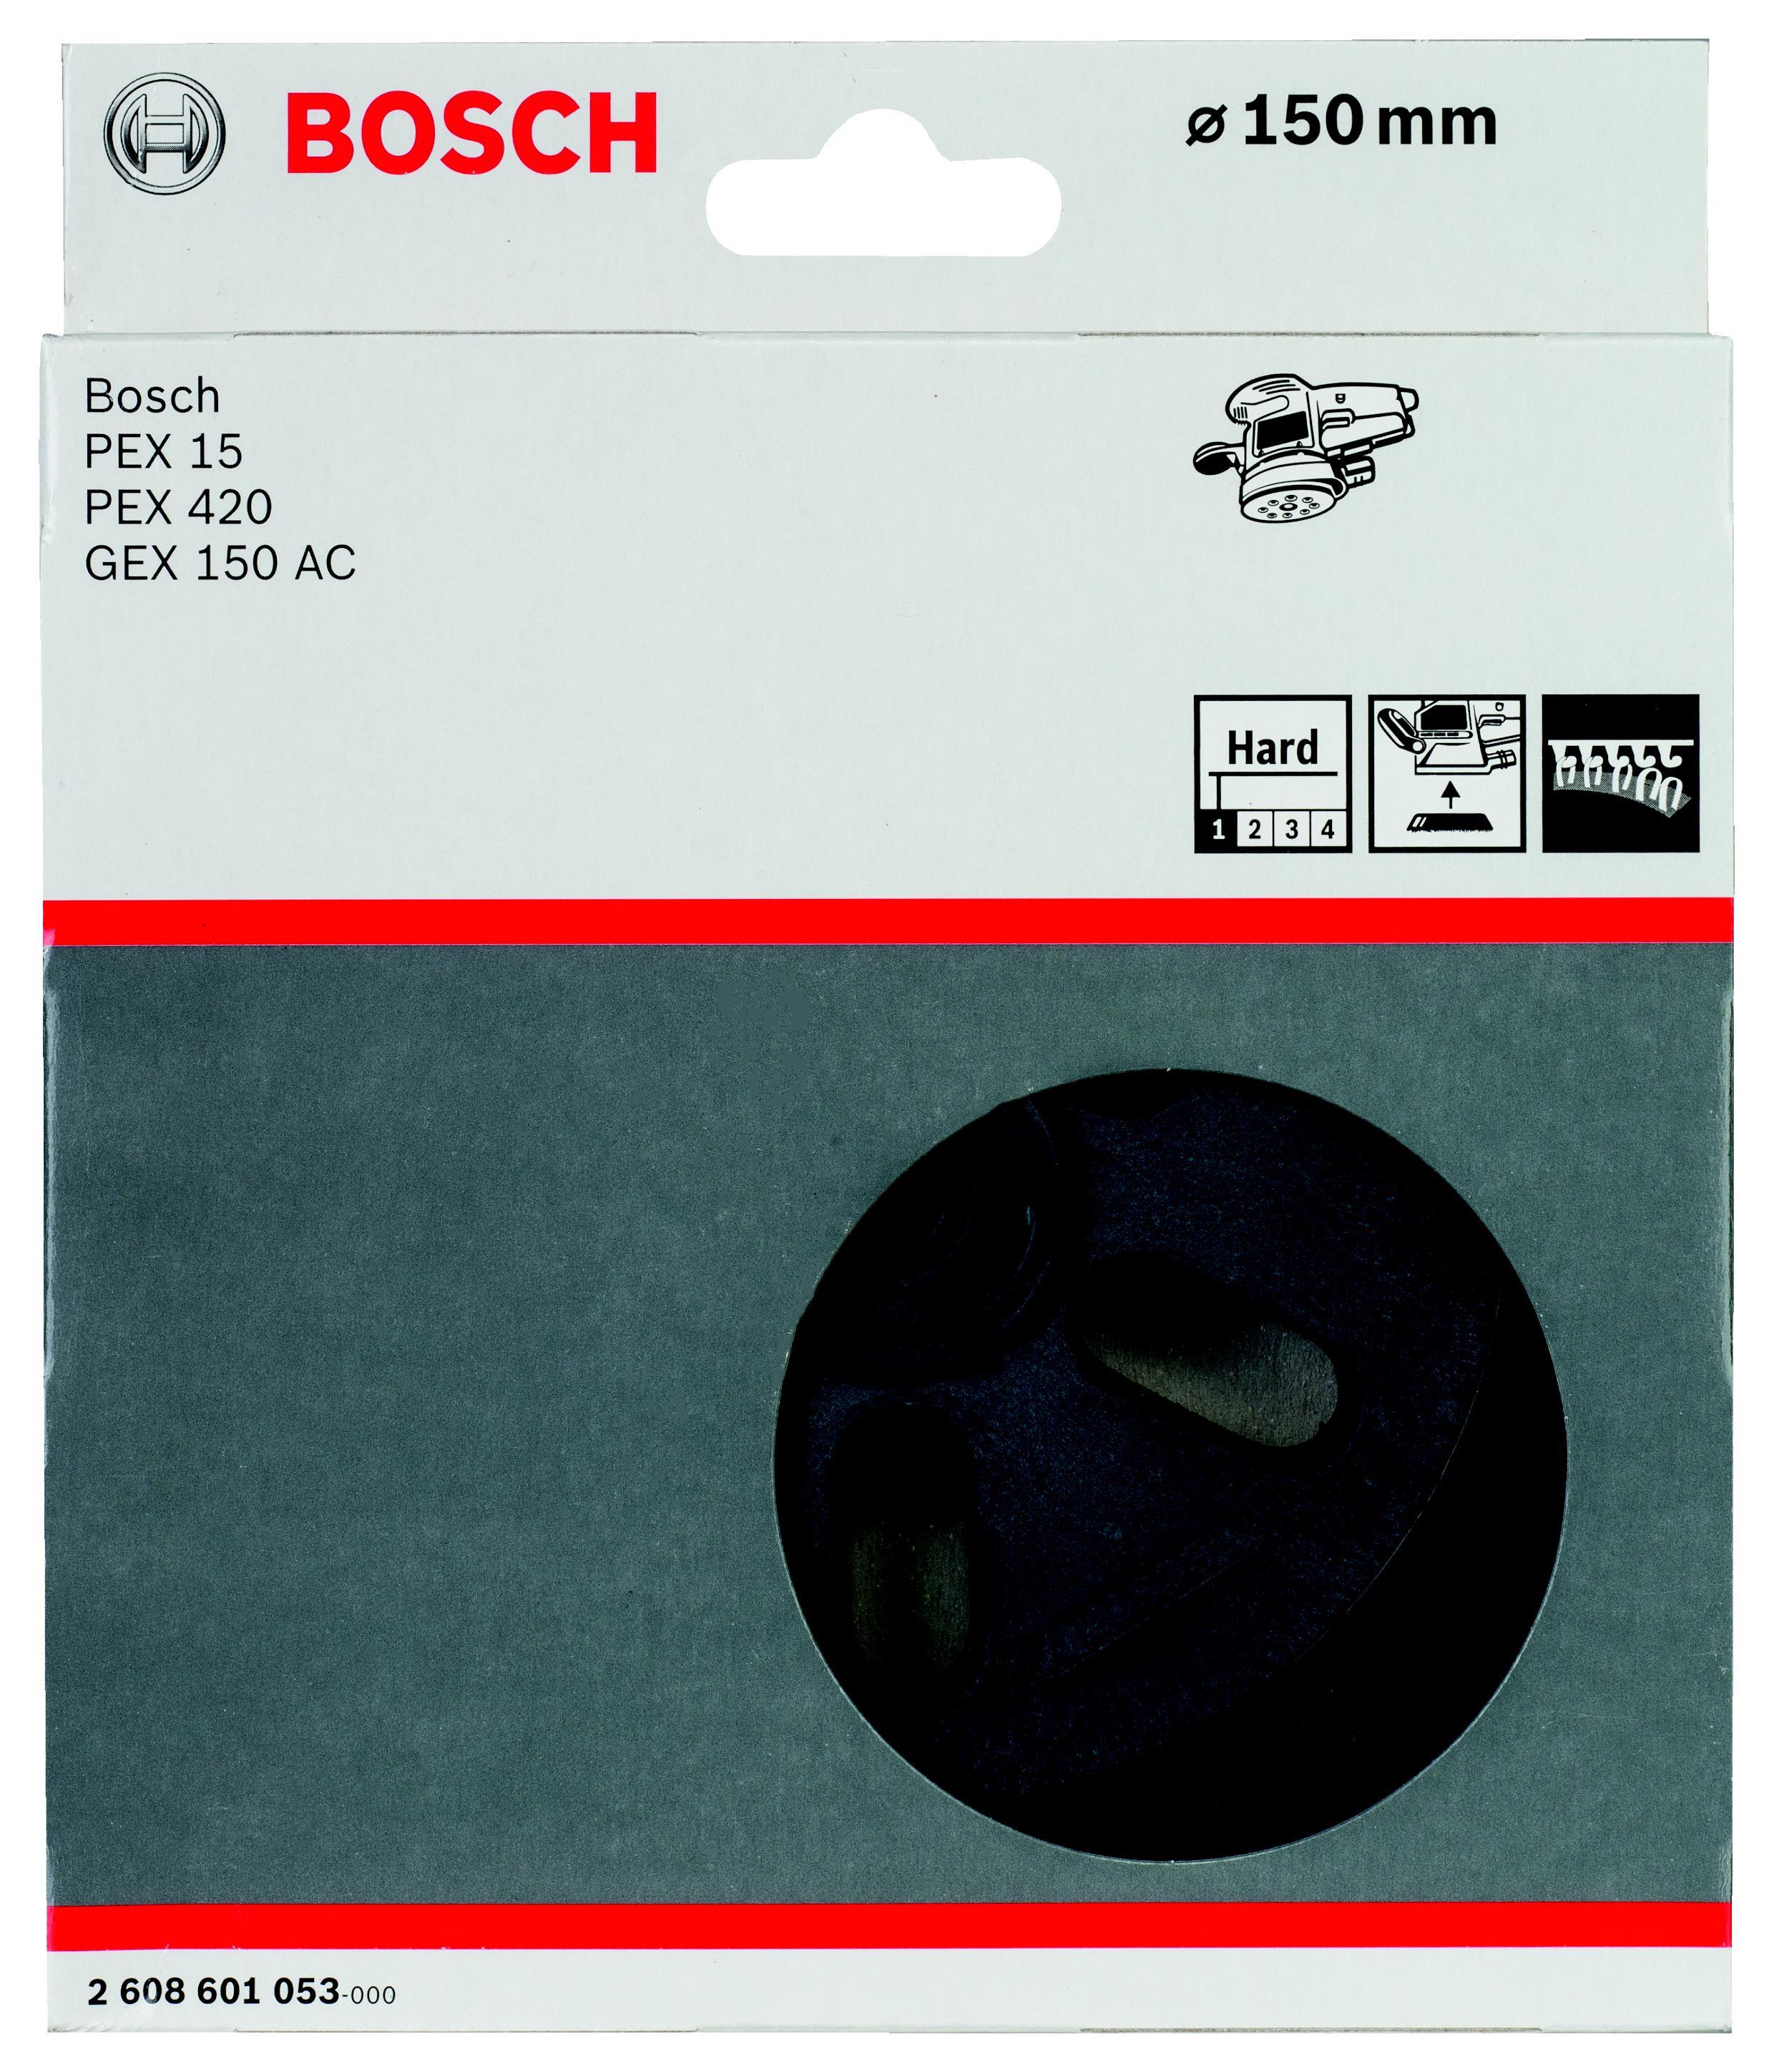 Тарелка опорная Bosch 2 608 601 053 тарелка опорная bosch 2 608 601 053 page 10